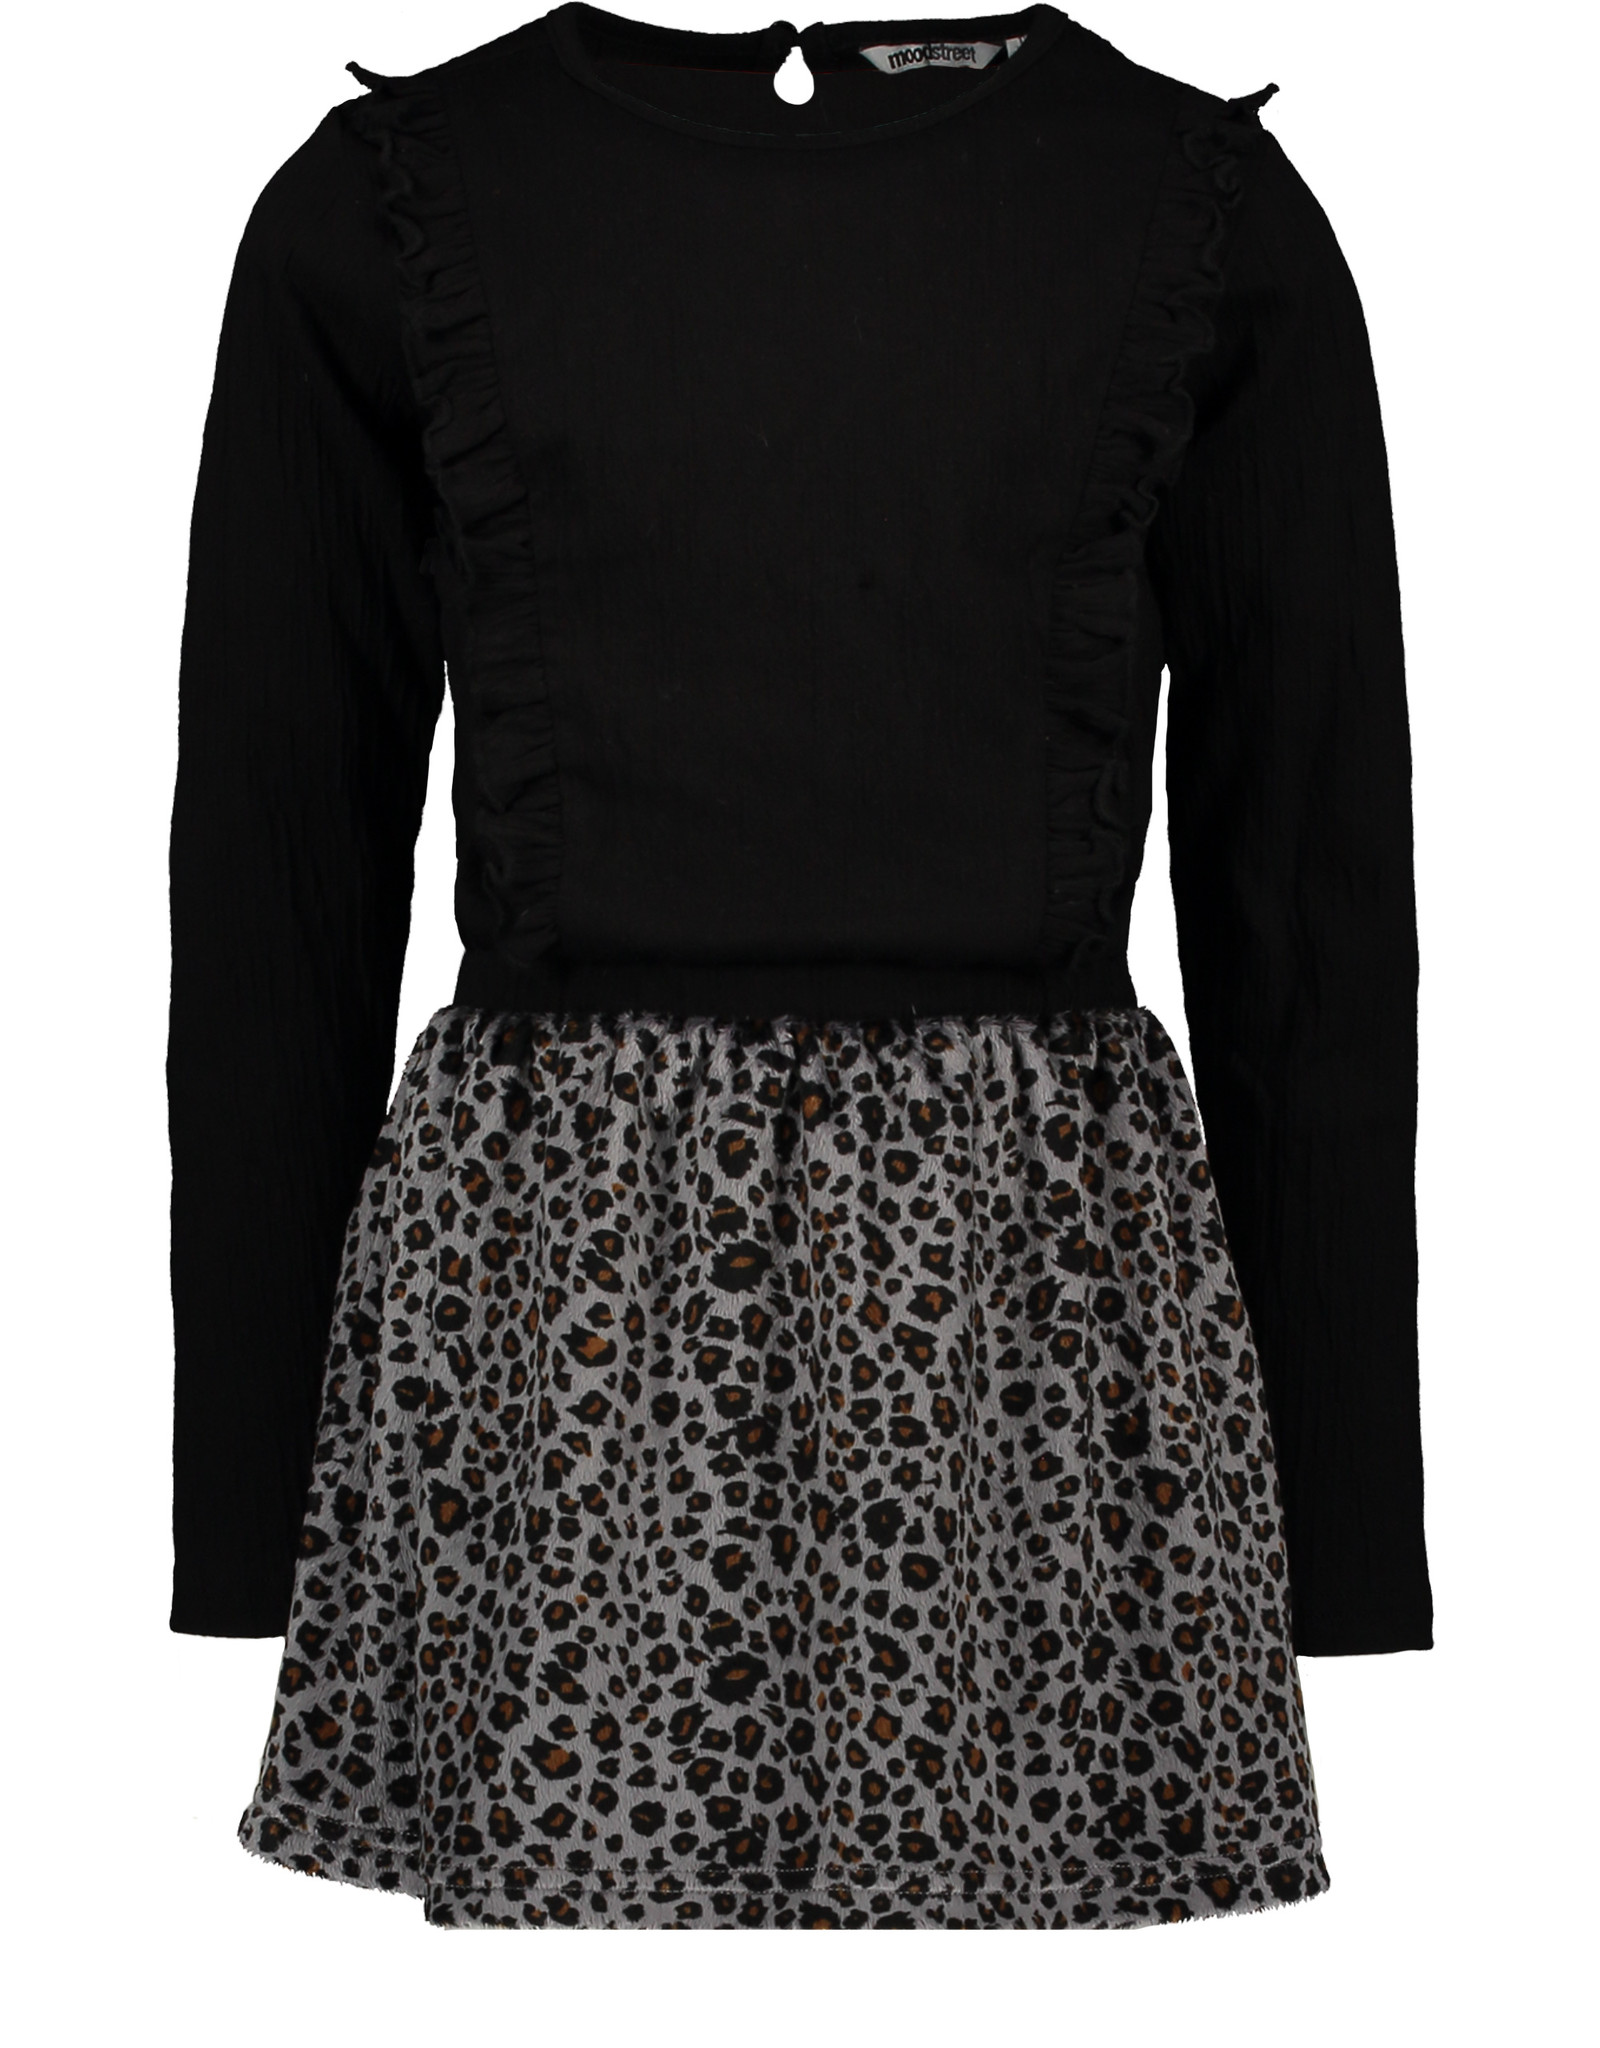 Moodstreet Moodstreet jurkje 5818 black